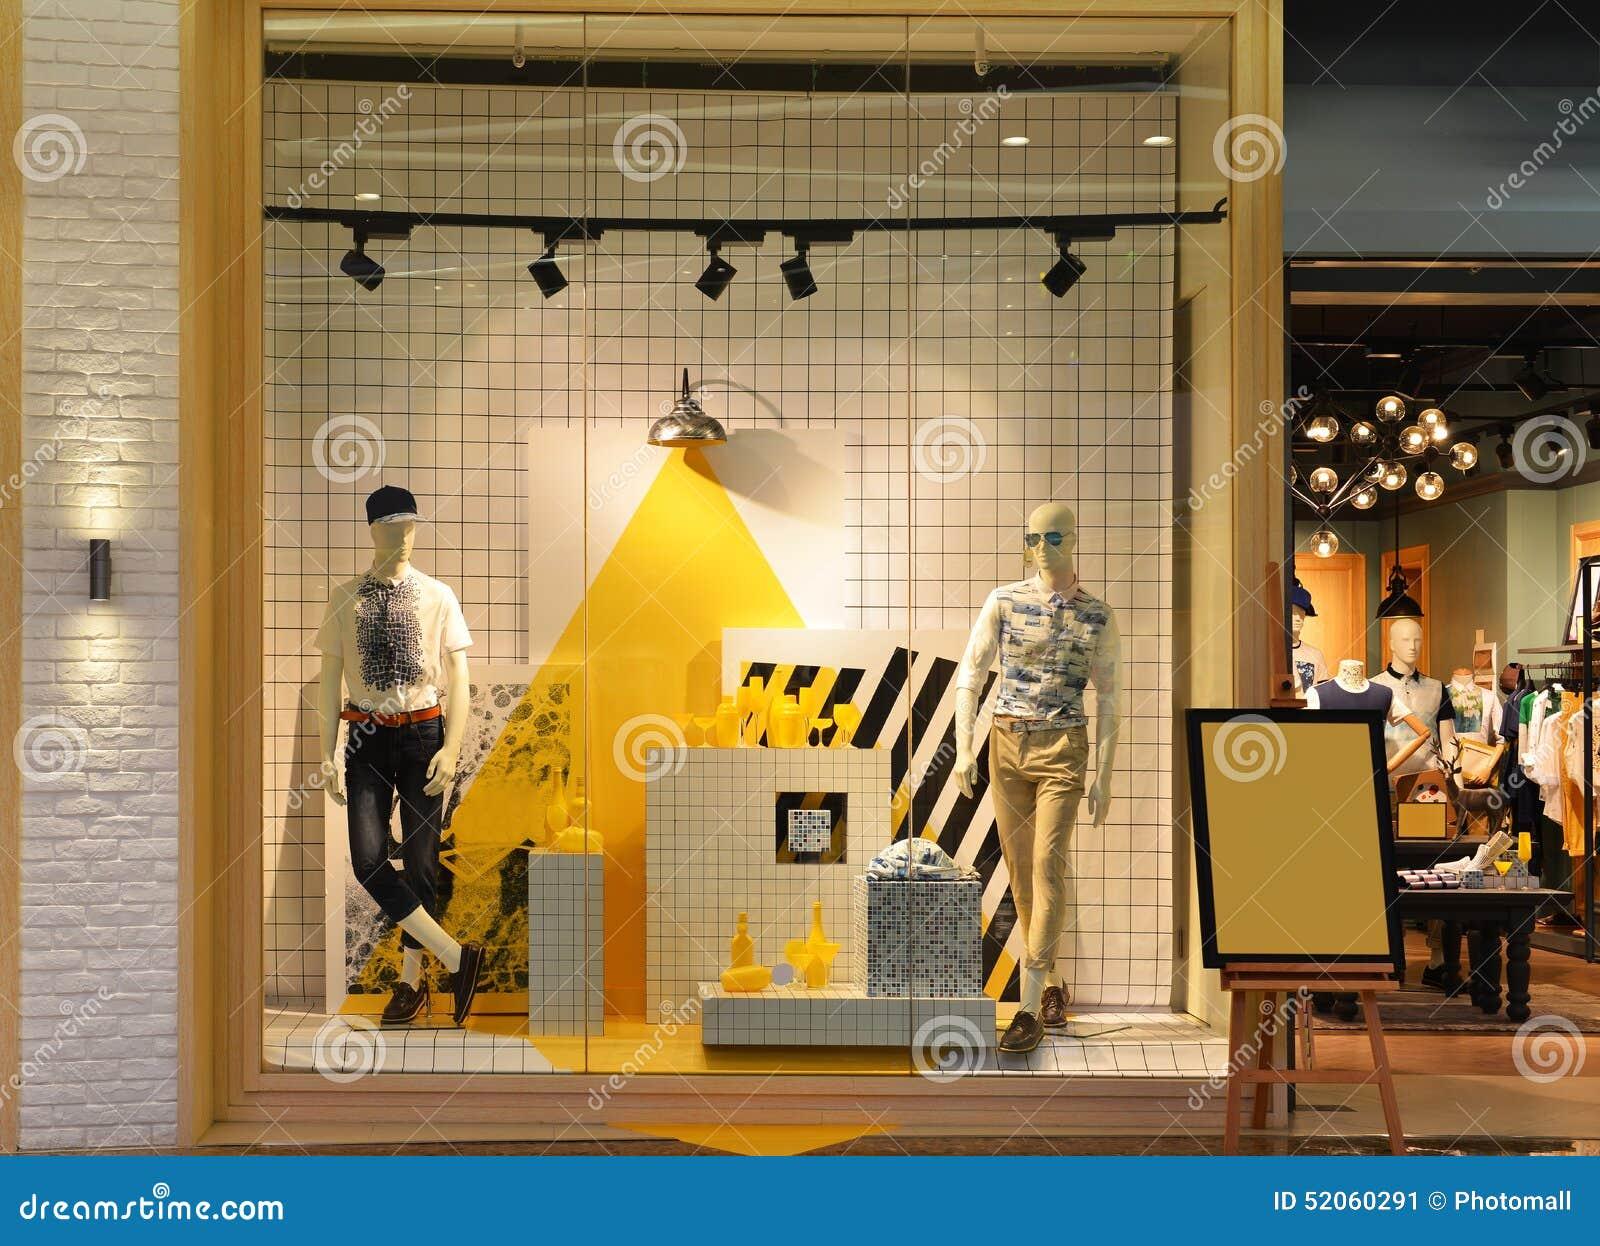 Mannens mode shoppar fönstret